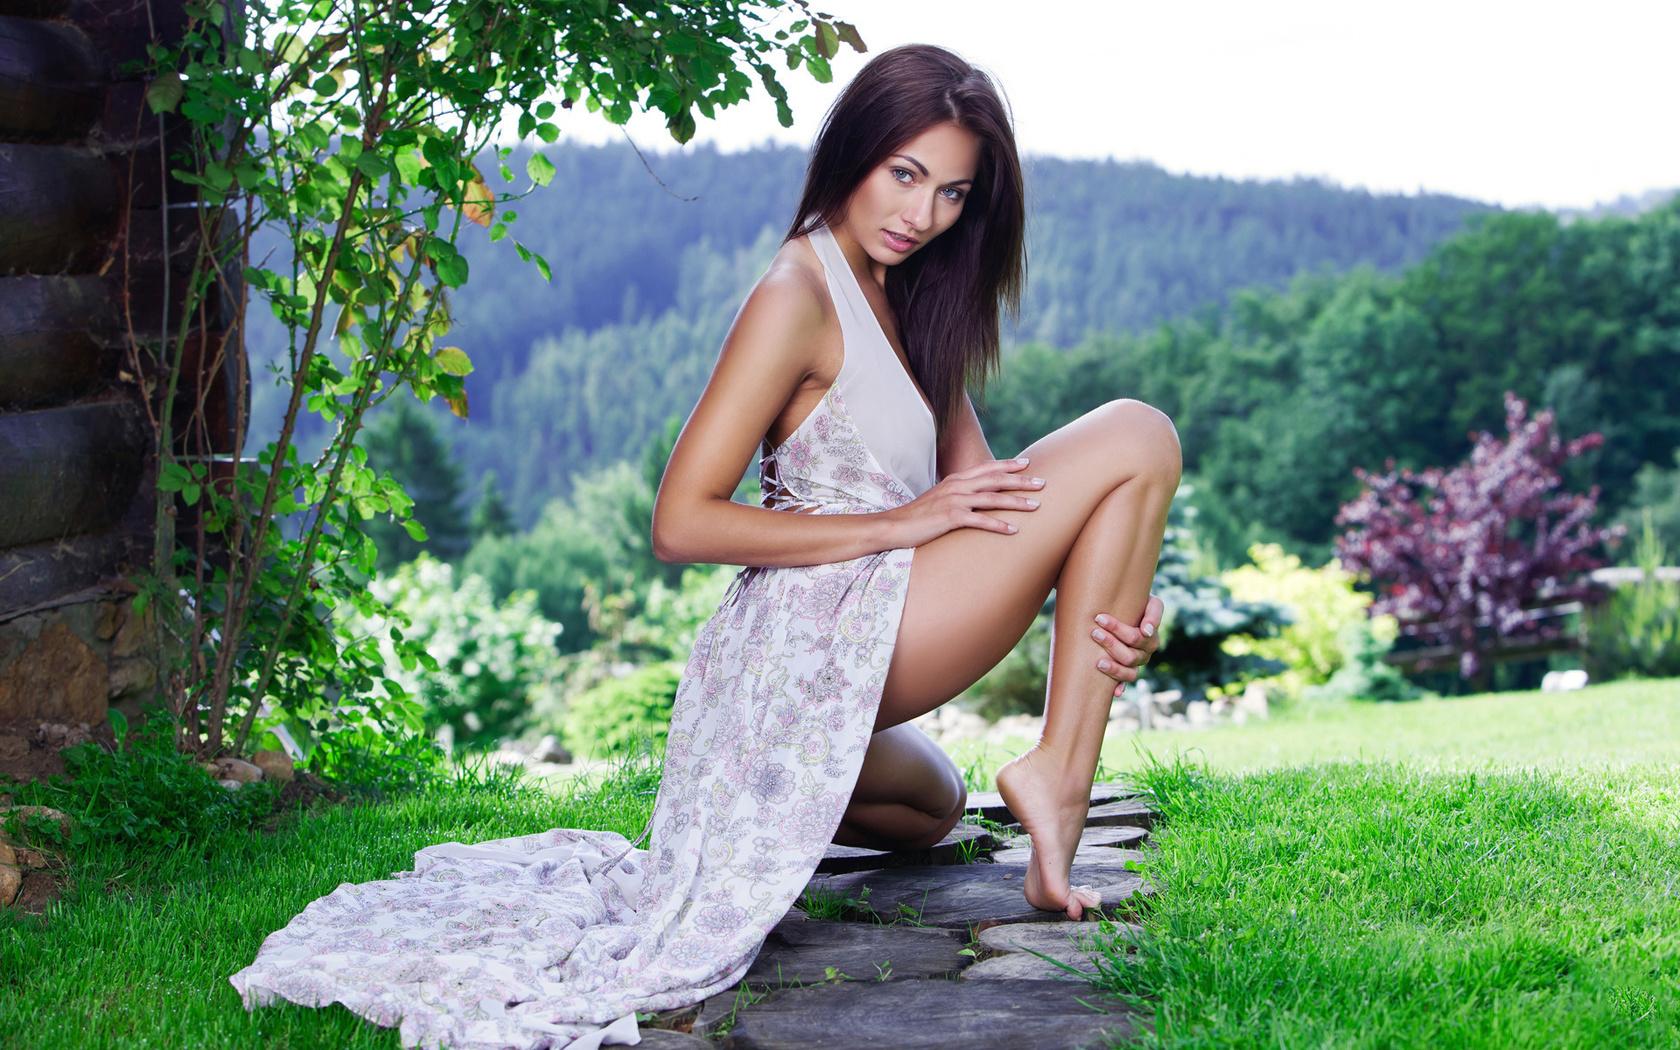 Фото красивых девушек на корточках, Голые девушки на корточках Женские письки 1 фотография